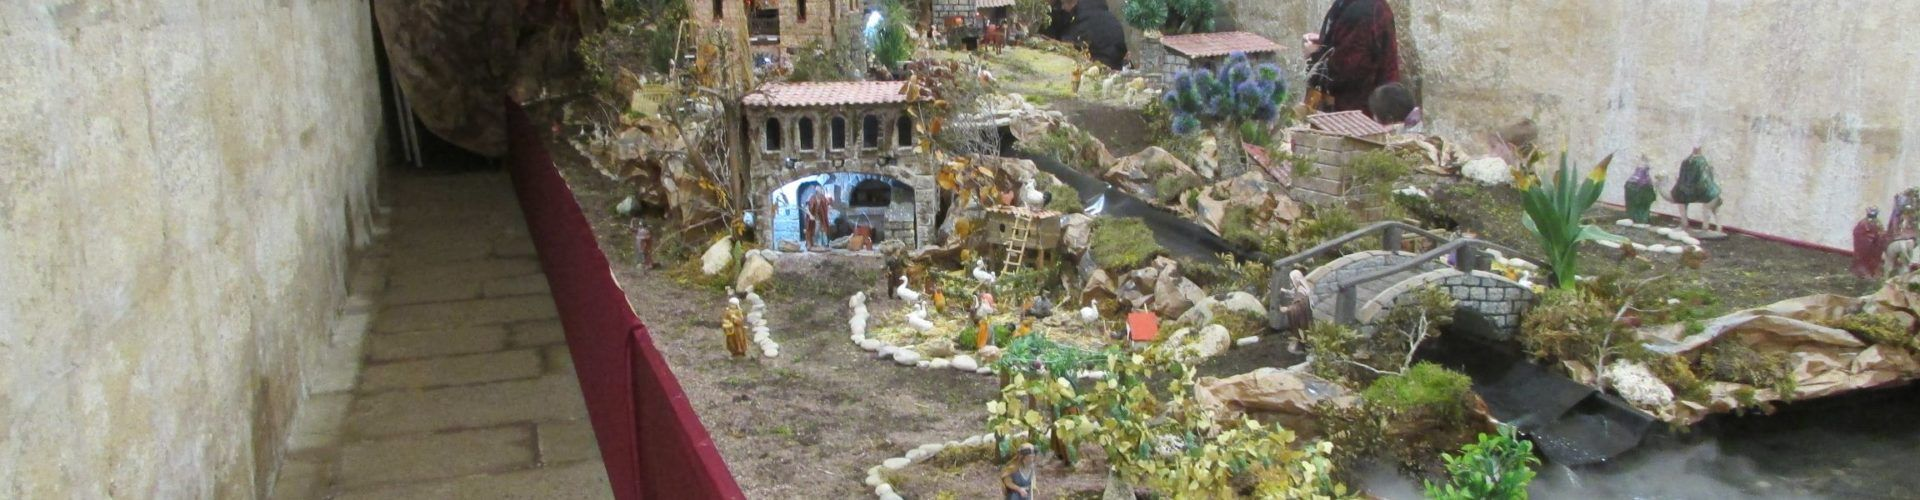 La Cisterna del Vall d'Alcanar acull fins al dia de Reis un Betlem de 70 metres quadrats